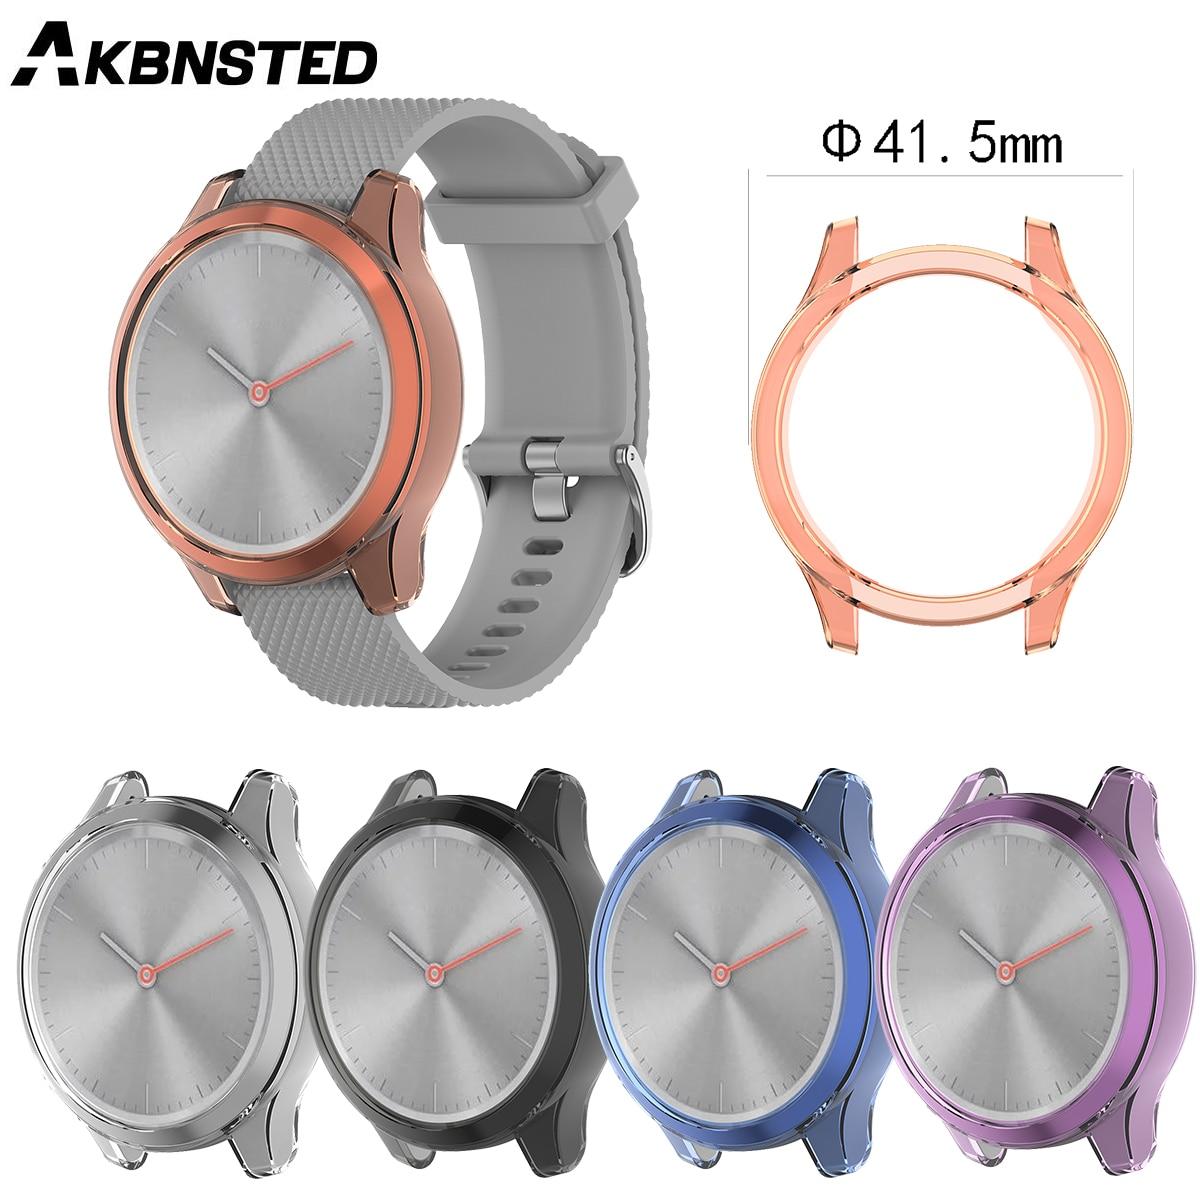 AKBNSTED TPU funda protectora de silicona transparente para Garmin vivomove 3 S/move 3S Smart Watch funda de repuesto